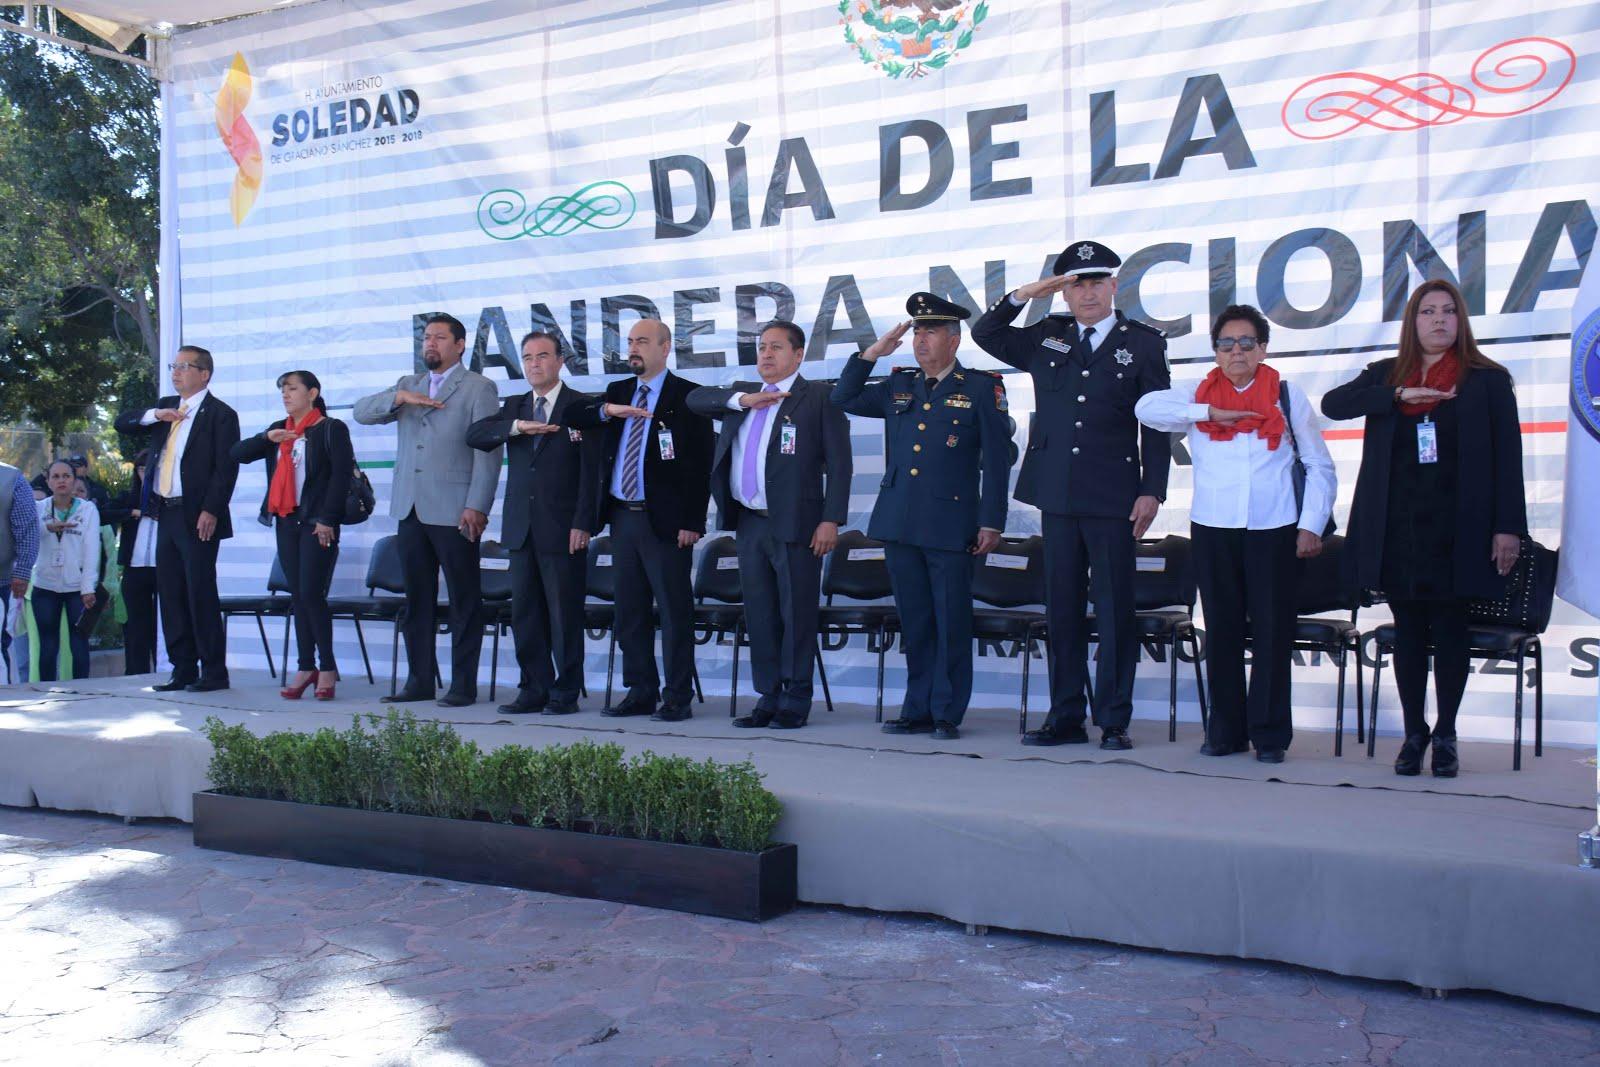 ALCALDE GILBERTO HERNÁNDEZ VILLAFUERTE ENCABEZÓ CEREMONIA CÍVICA DE CONMEMORACIÓN DEL DÍA DE LA BAN